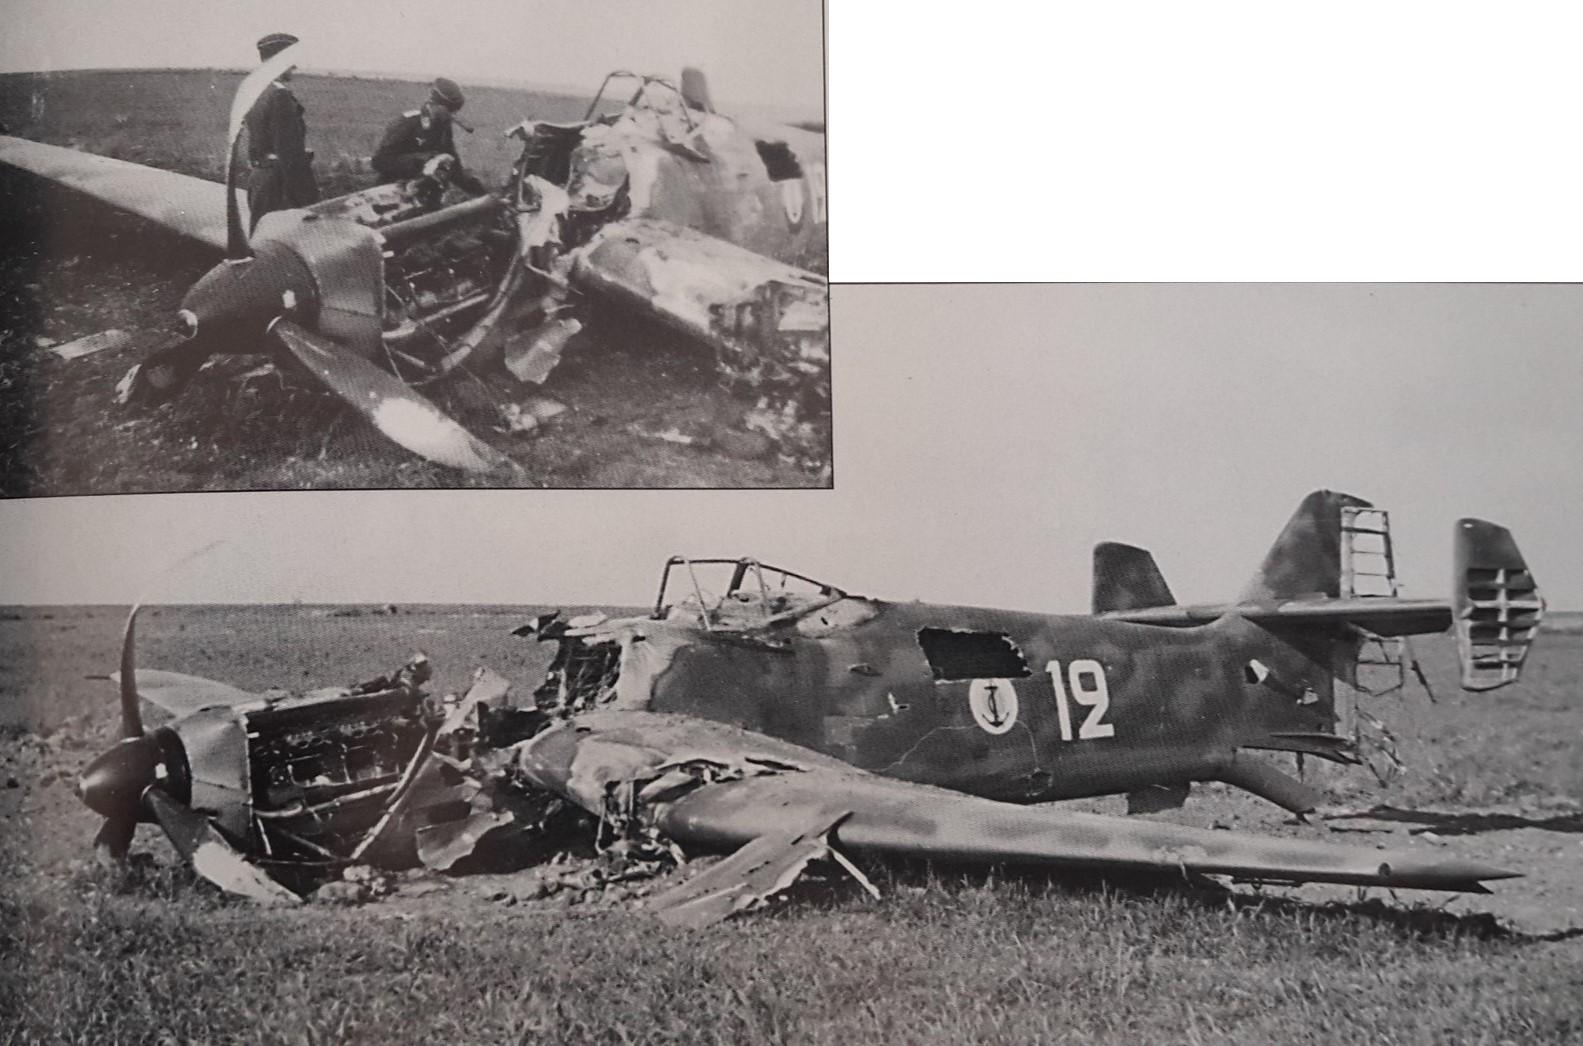 [Concours Aéronavale] Loire Nieuport 401/411 -  Special hobby 1/48 - crash à Villereau -le sacrifice des marins aviateurs du 19 mai 1940 - Mission Berlaimont  Image117